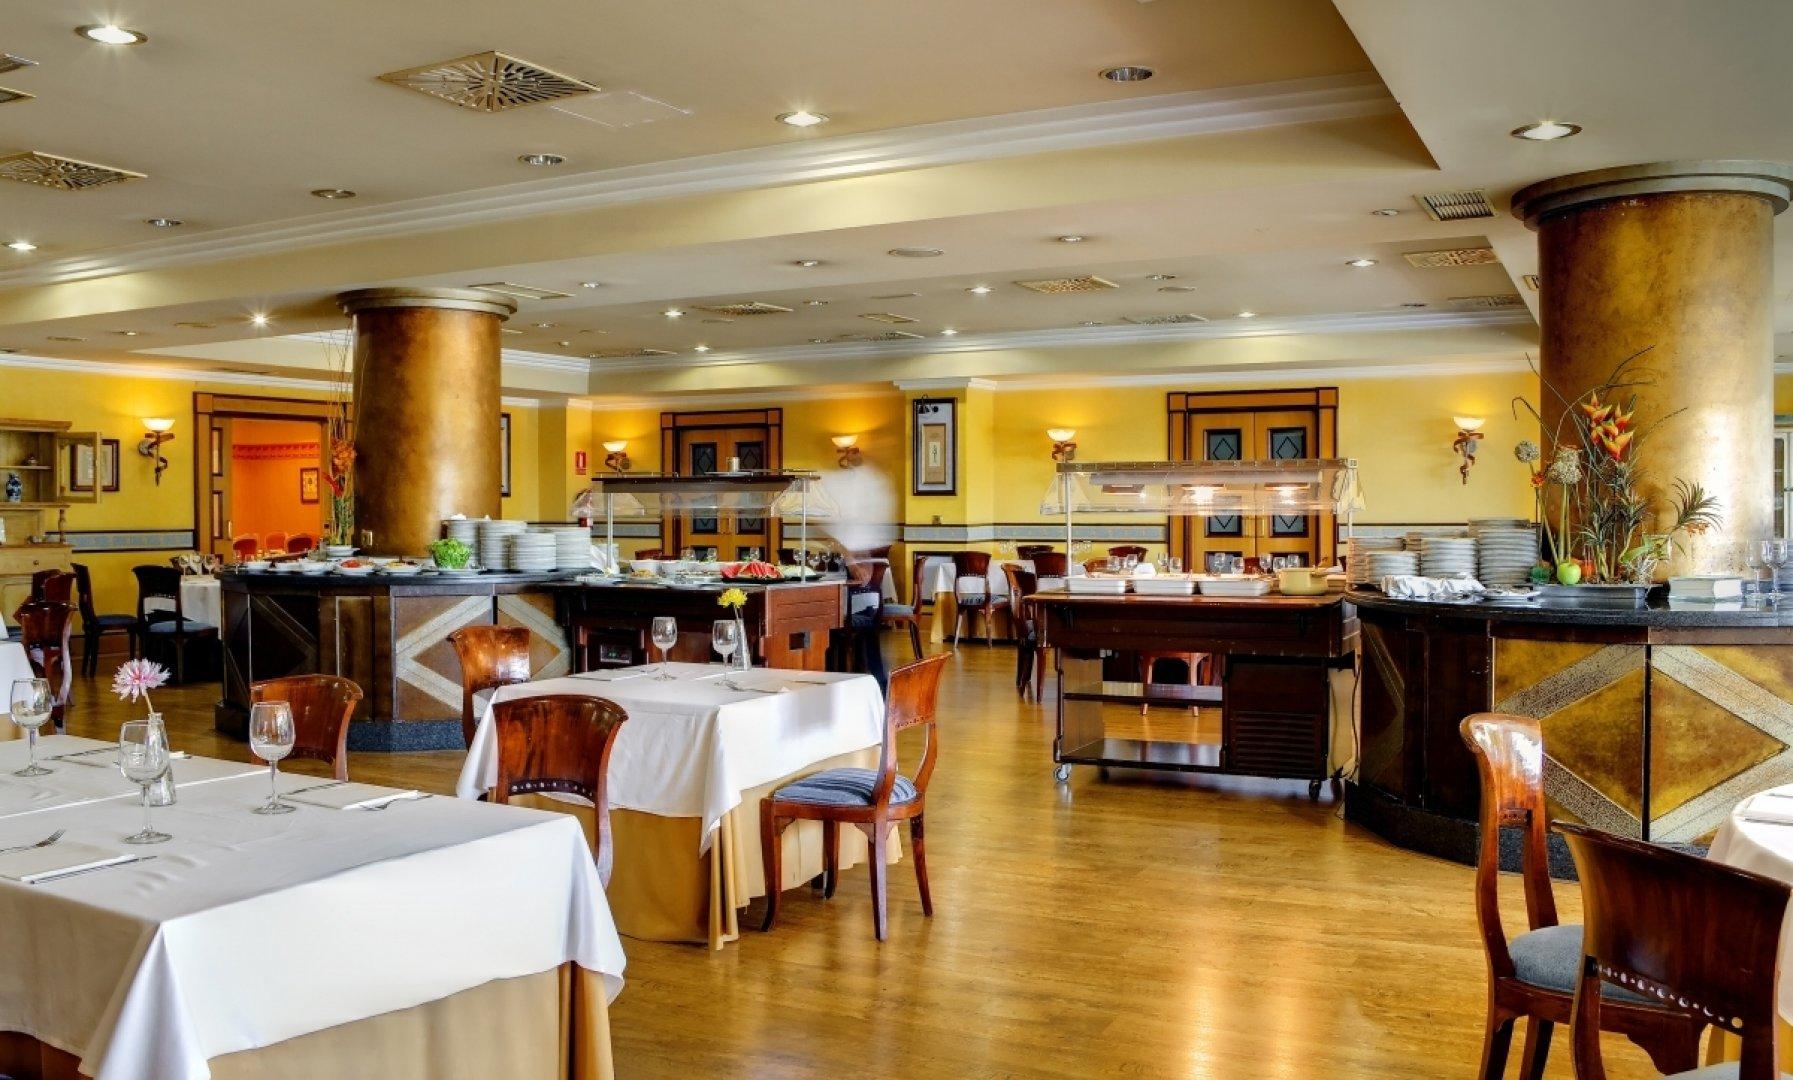 Establecimiento galicia destino familiar - Hotel oca puerta del camino ...